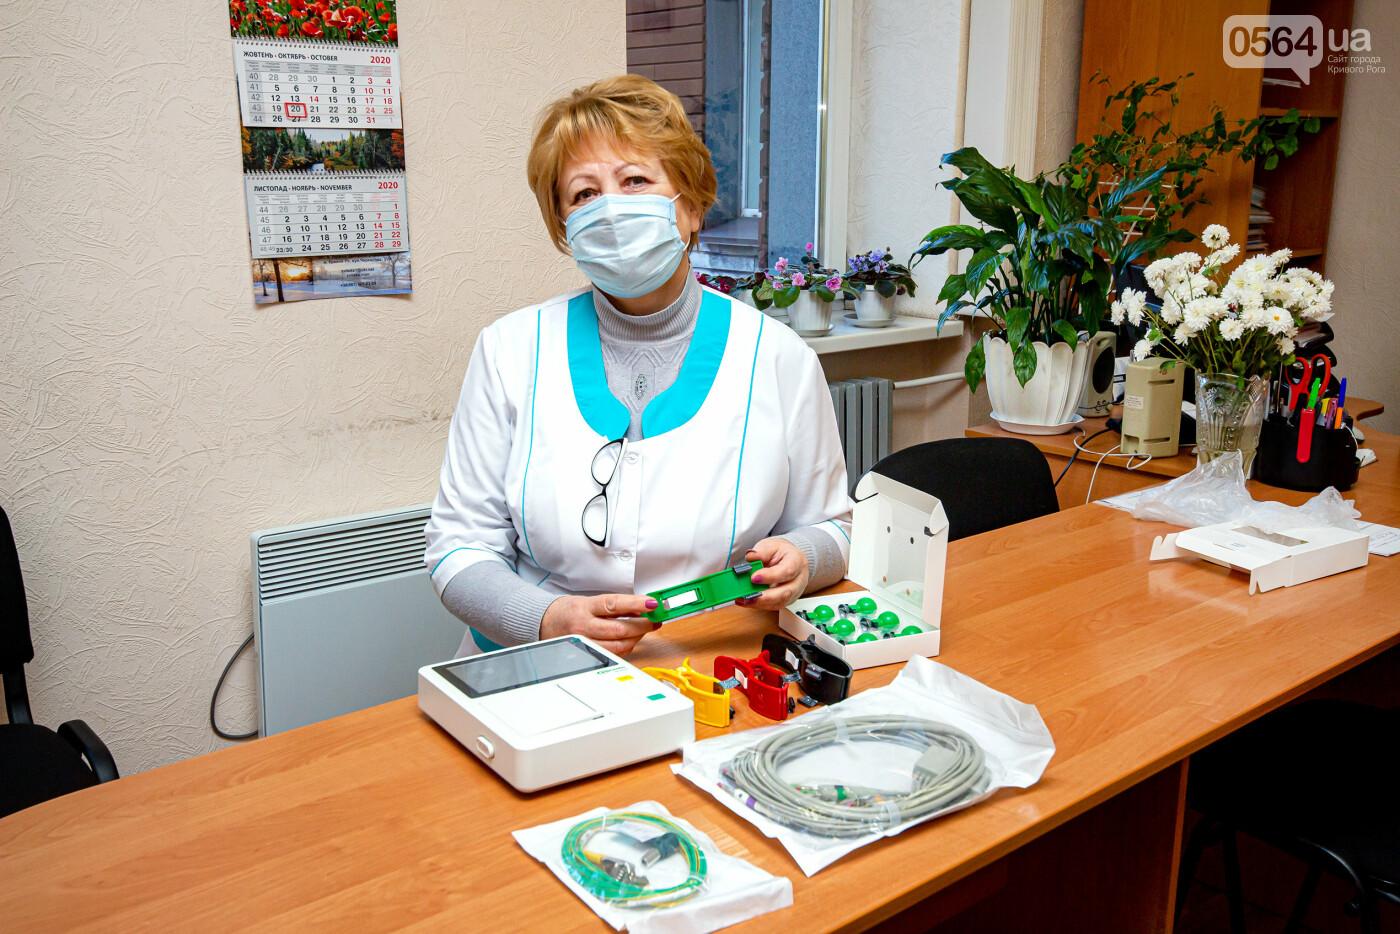 Метинвест приобрел новое медоборудование для обслуживания работников СевГОКа, фото-4